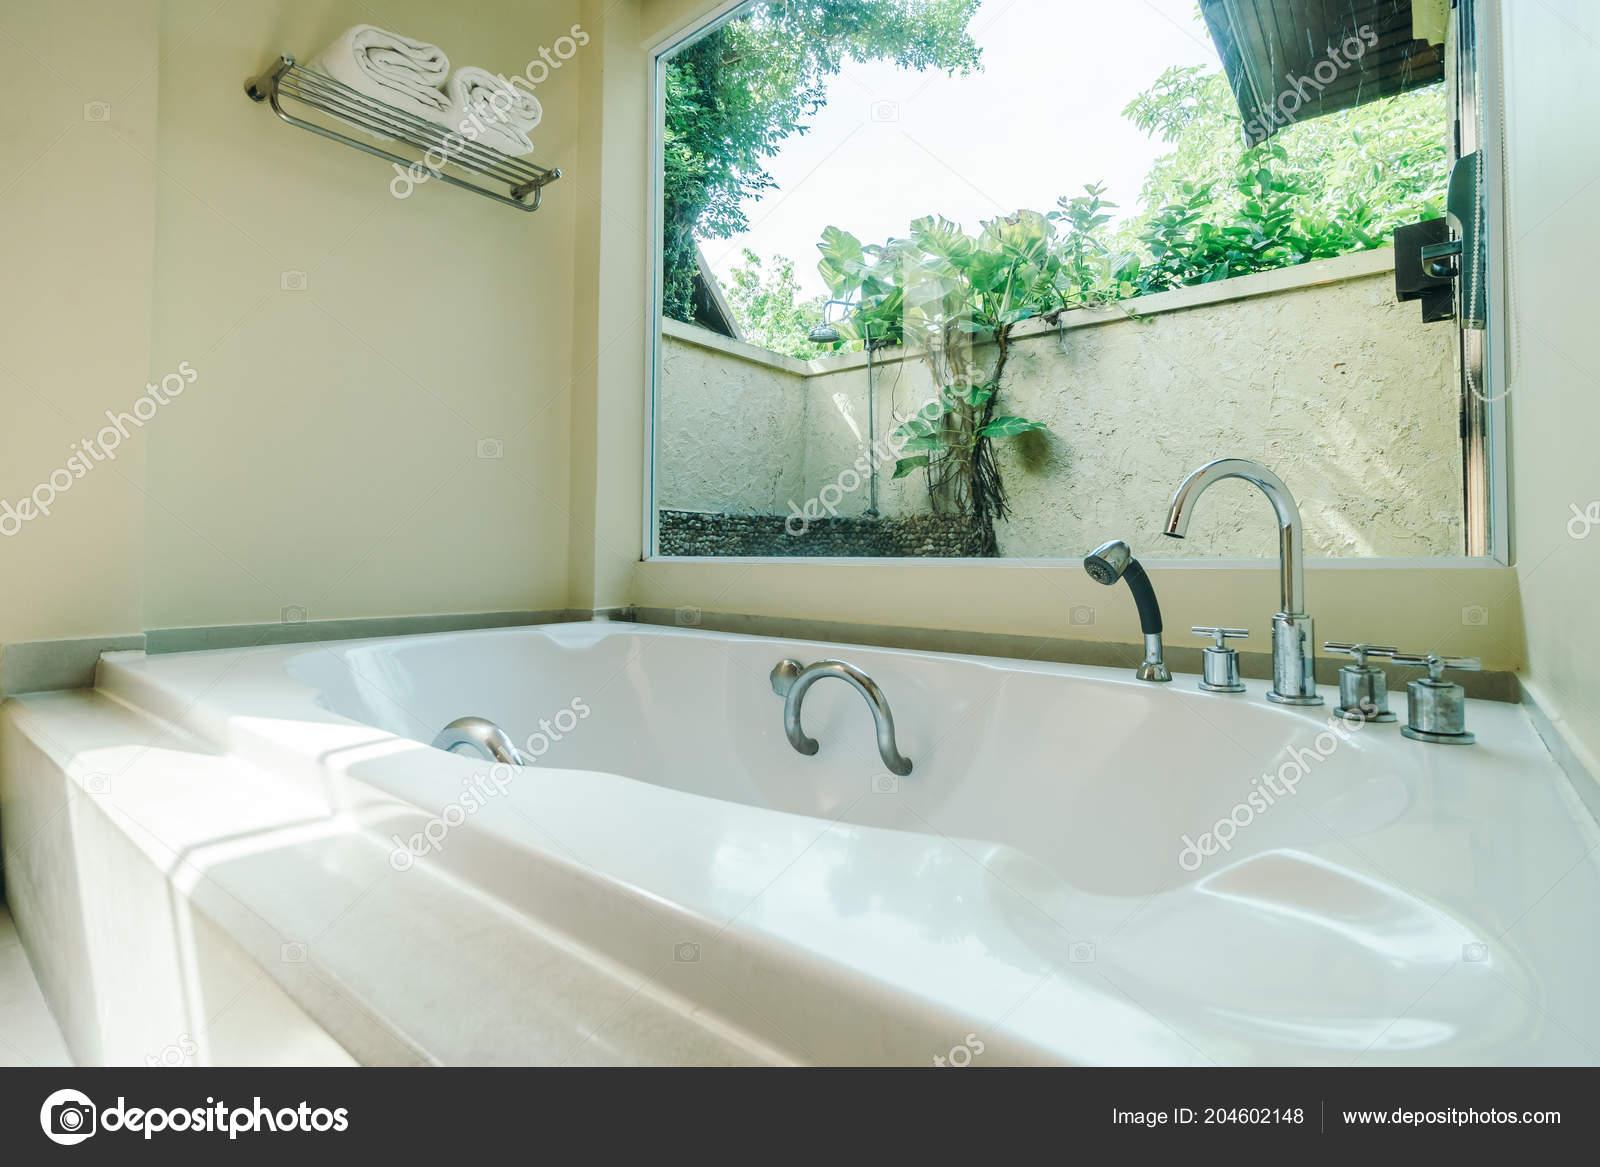 Schöne Badewanne Dekoration Badezimmer Interieur — Stockfoto ...